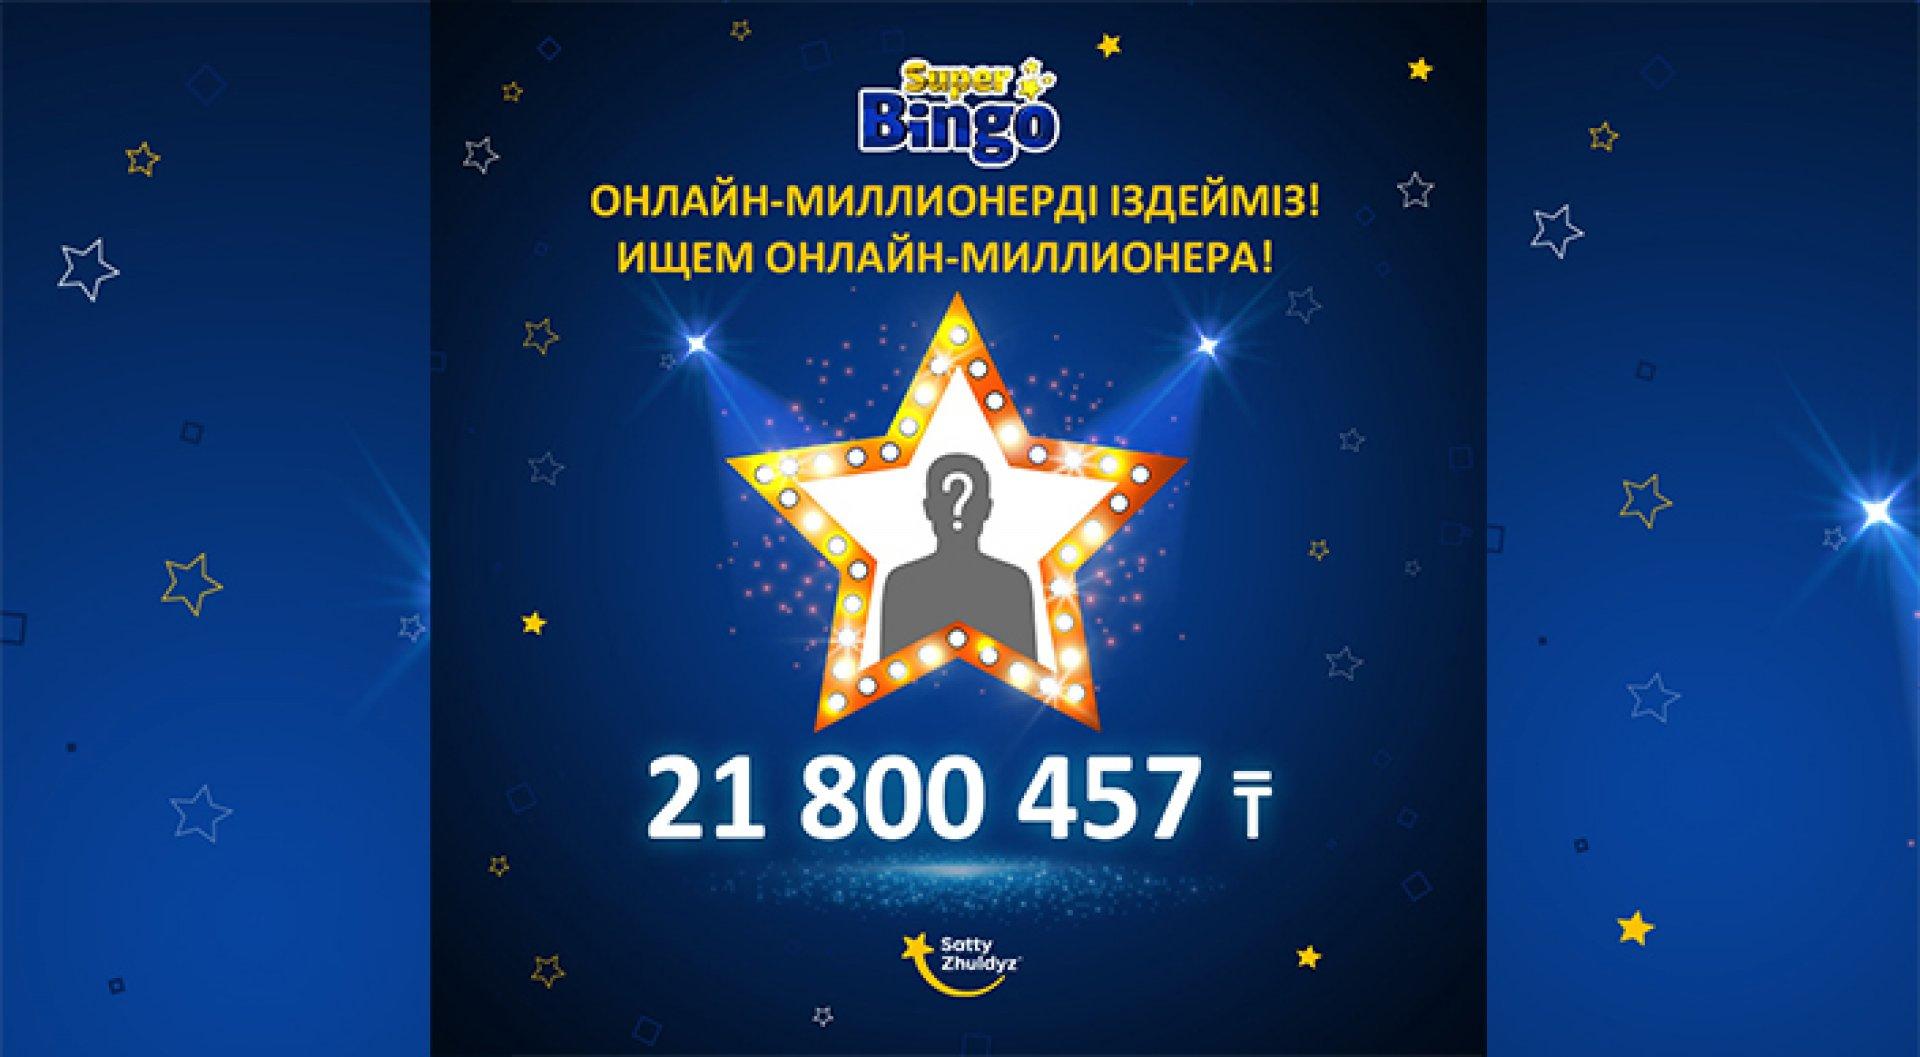 TeleBingo: Житель Семея выиграл почти 3 миллиона тенге онлайн